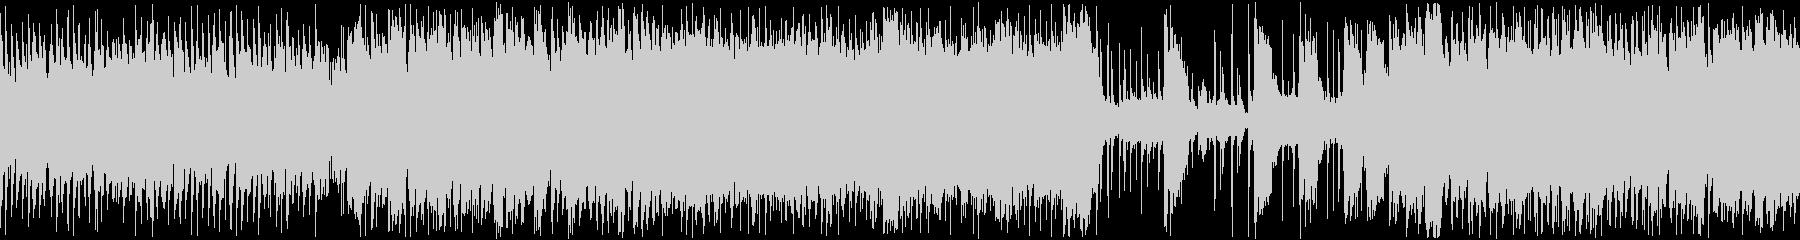 【ループBGM】動物ジャズロックショー!の未再生の波形